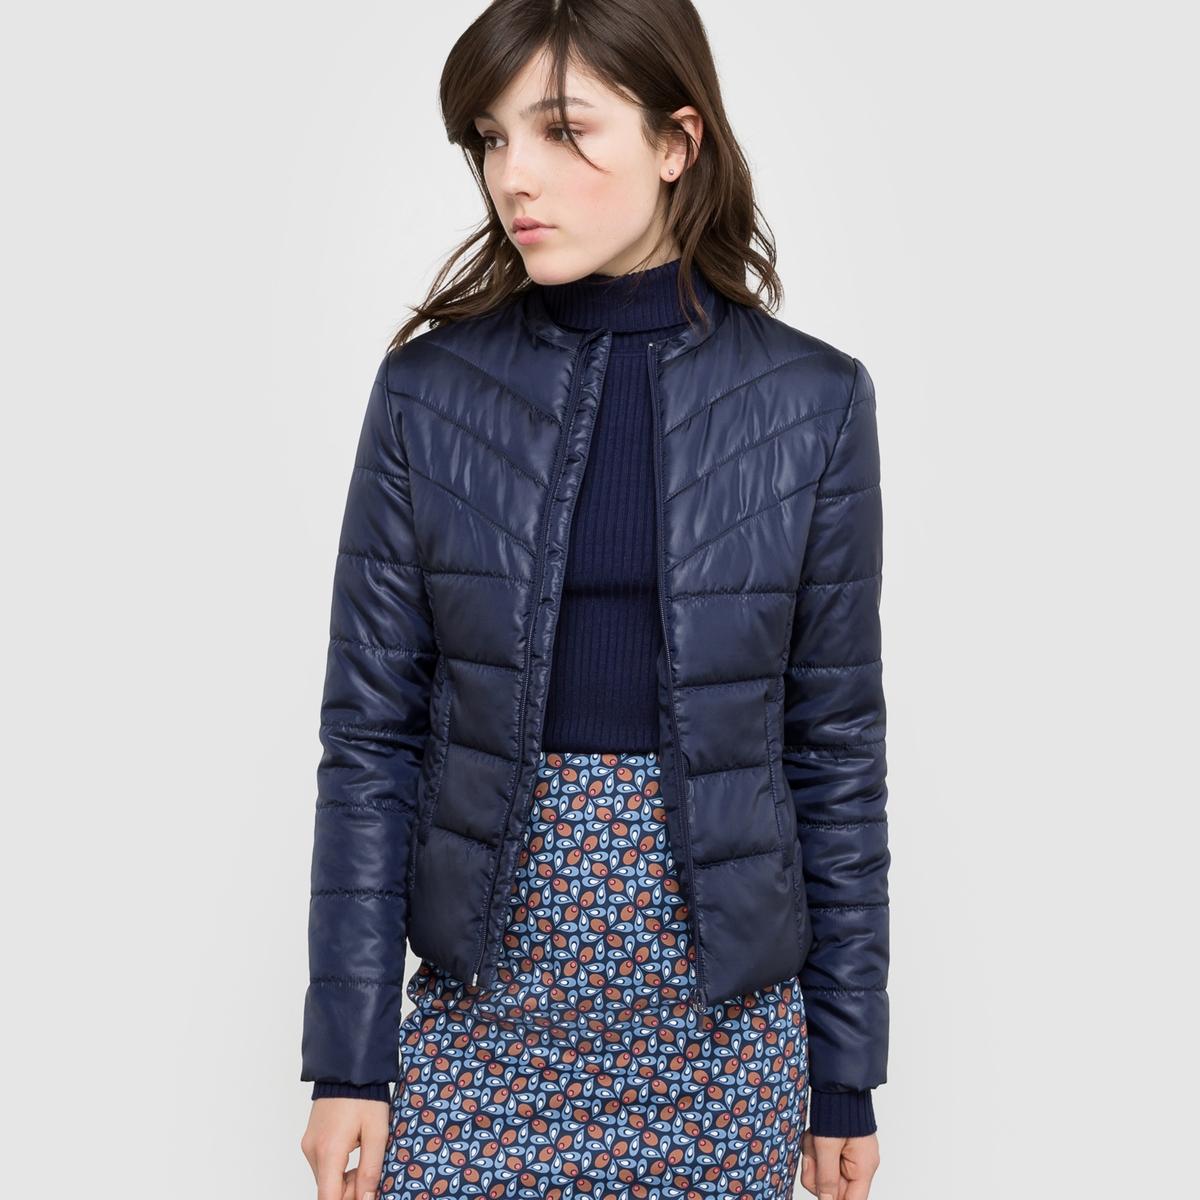 Куртка стеганая короткая легкаяЛегкая стеганая куртка. Небольшой воротник с застежкой на кнопки. Застежка на молнию. 2 кармана. Состав и описание : Основной материал          100% полиэстерПодкладка и наполнитель 100% полиэстер    Длина                          58 смМарка                             R ?ditionУход :Машинная стирка при 30 °CМы : рекомендуем Вам заказывать эту модель на один размер больше Вашего обычного размера.<br><br>Цвет: медовый,синий морской,темно-зеленый,черный<br>Размер: 36 (FR) - 42 (RUS).40 (FR) - 46 (RUS).48 (FR) - 54 (RUS).50 (FR) - 56 (RUS).52 (FR) - 58 (RUS).34 (FR) - 40 (RUS).38 (FR) - 44 (RUS).42 (FR) - 48 (RUS).46 (FR) - 52 (RUS).48 (FR) - 54 (RUS).50 (FR) - 56 (RUS).38 (FR) - 44 (RUS).40 (FR) - 46 (RUS).42 (FR) - 48 (RUS).44 (FR) - 50 (RUS).50 (FR) - 56 (RUS).52 (FR) - 58 (RUS).46 (FR) - 52 (RUS).48 (FR) - 54 (RUS).52 (FR) - 58 (RUS).34 (FR) - 40 (RUS)